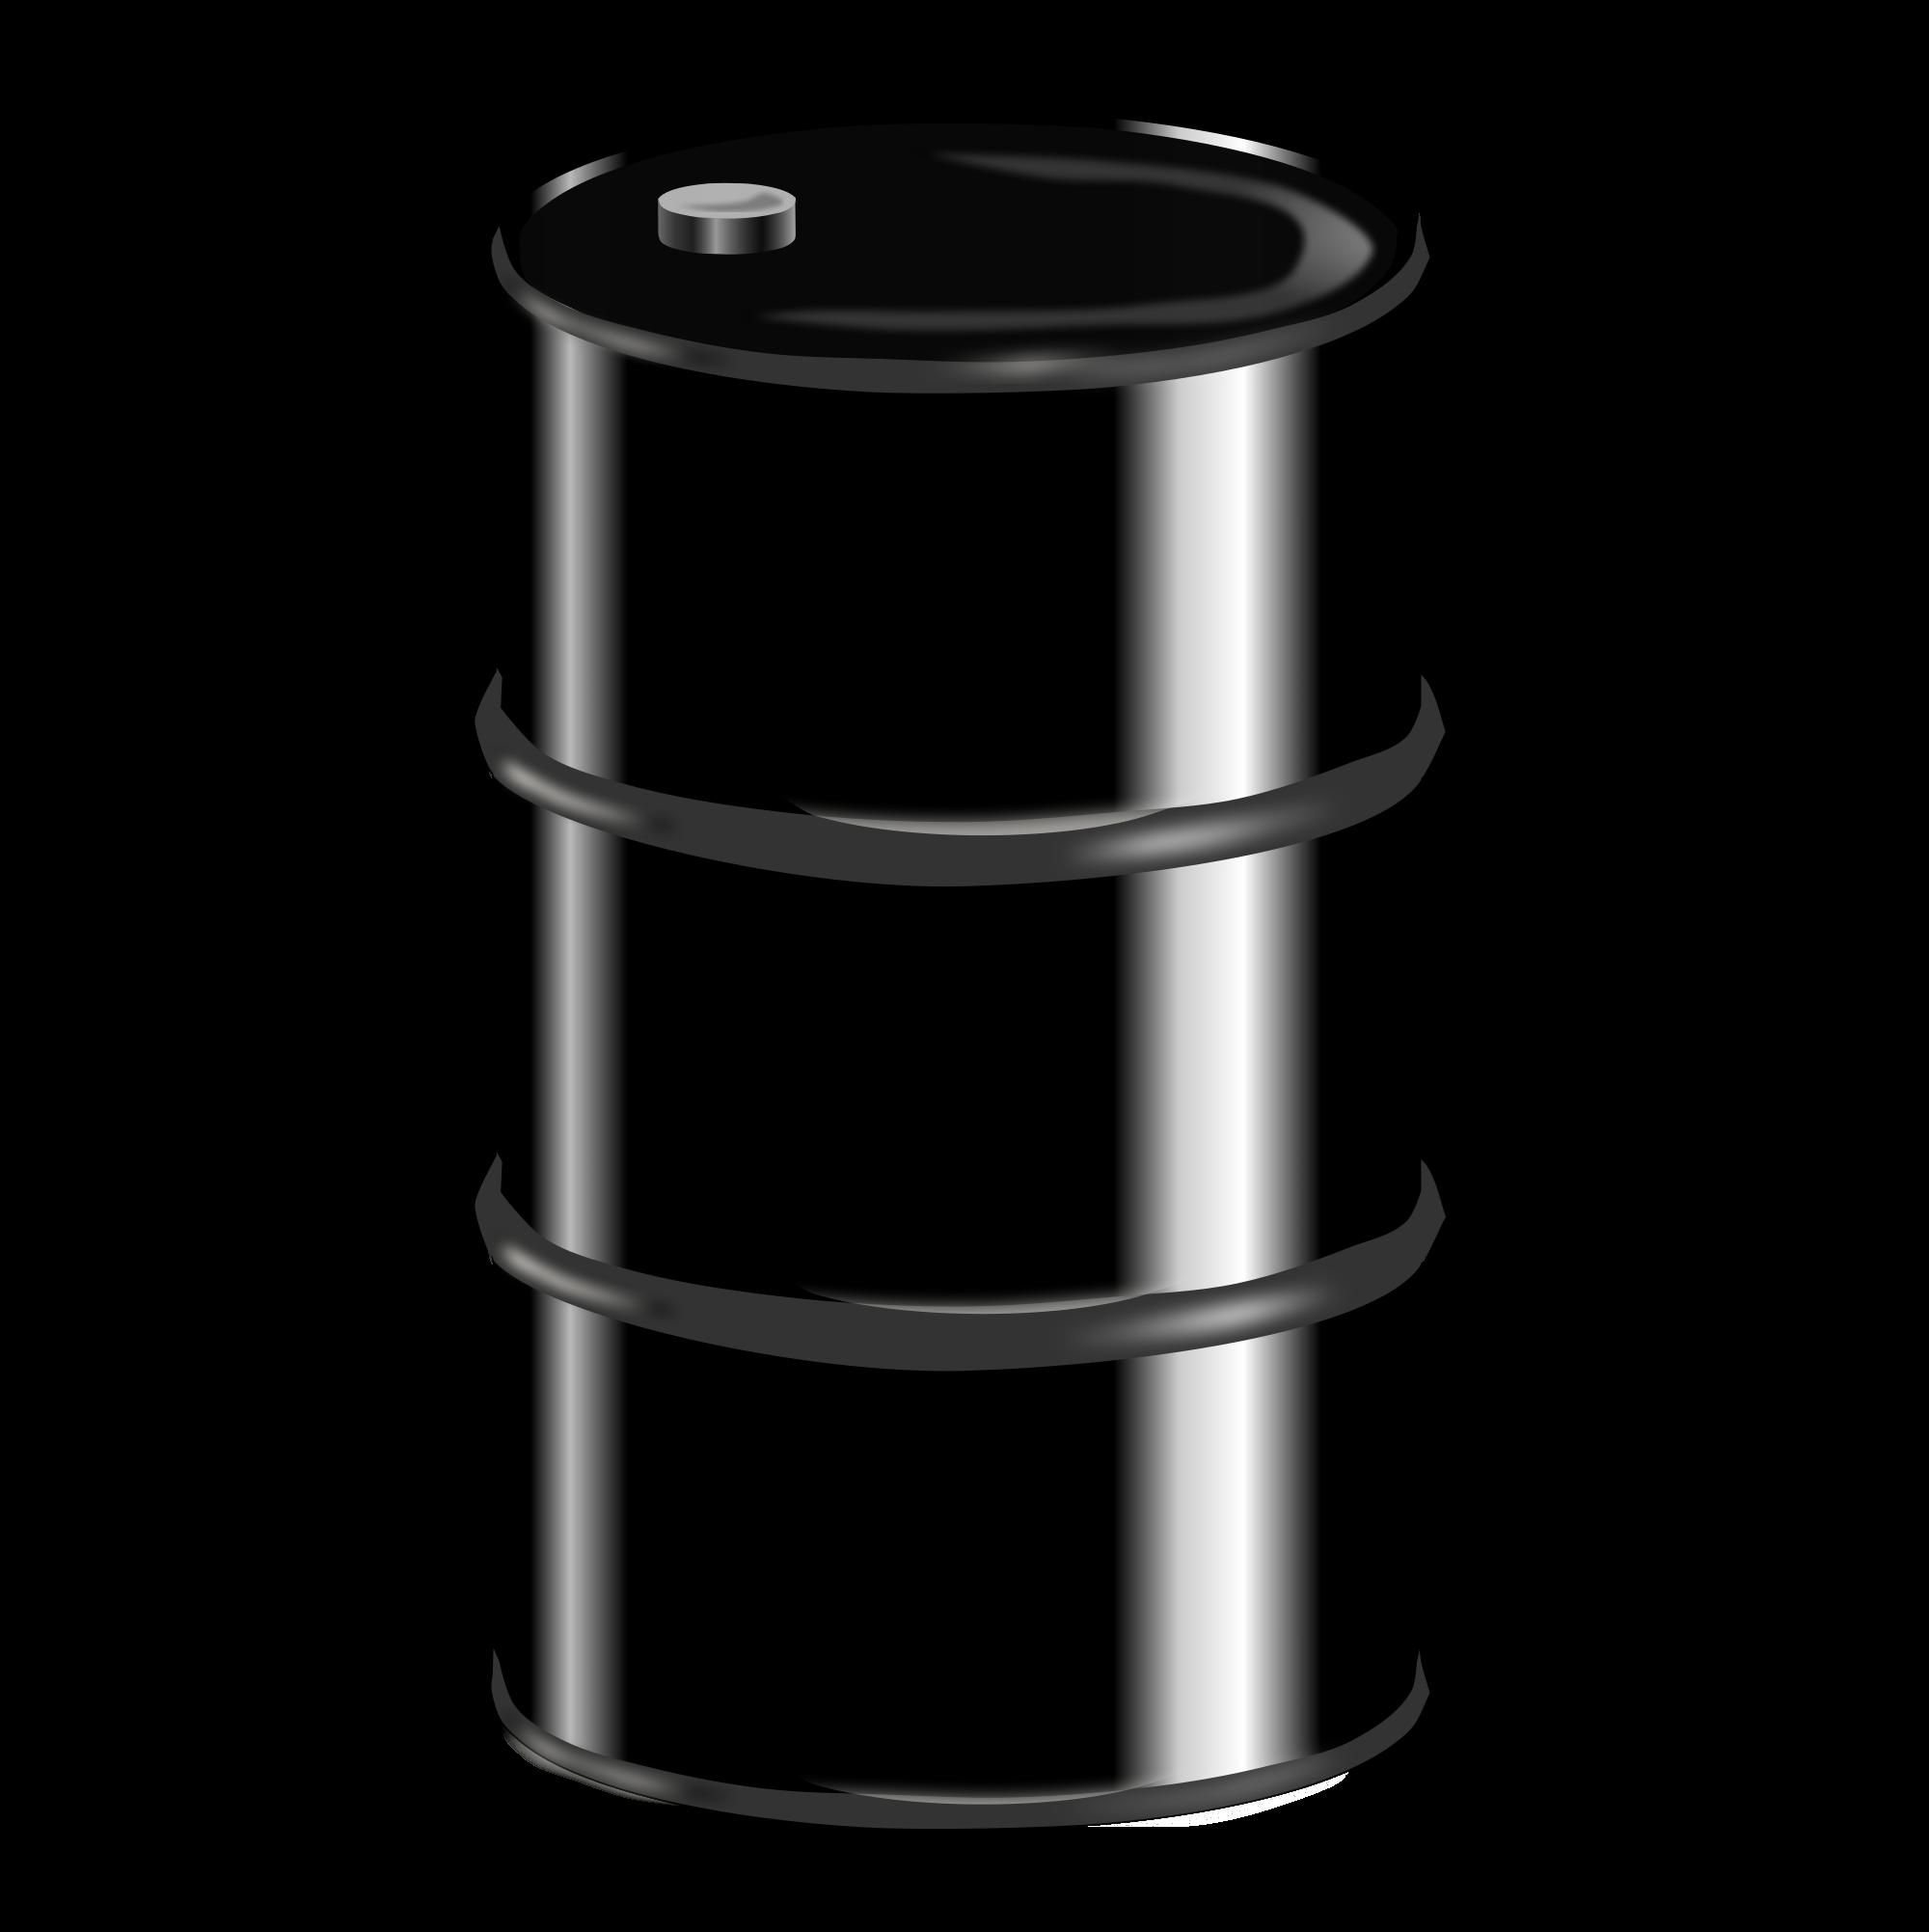 Oil clipart transparent File:Oil Wikimedia Open graphic Barrel